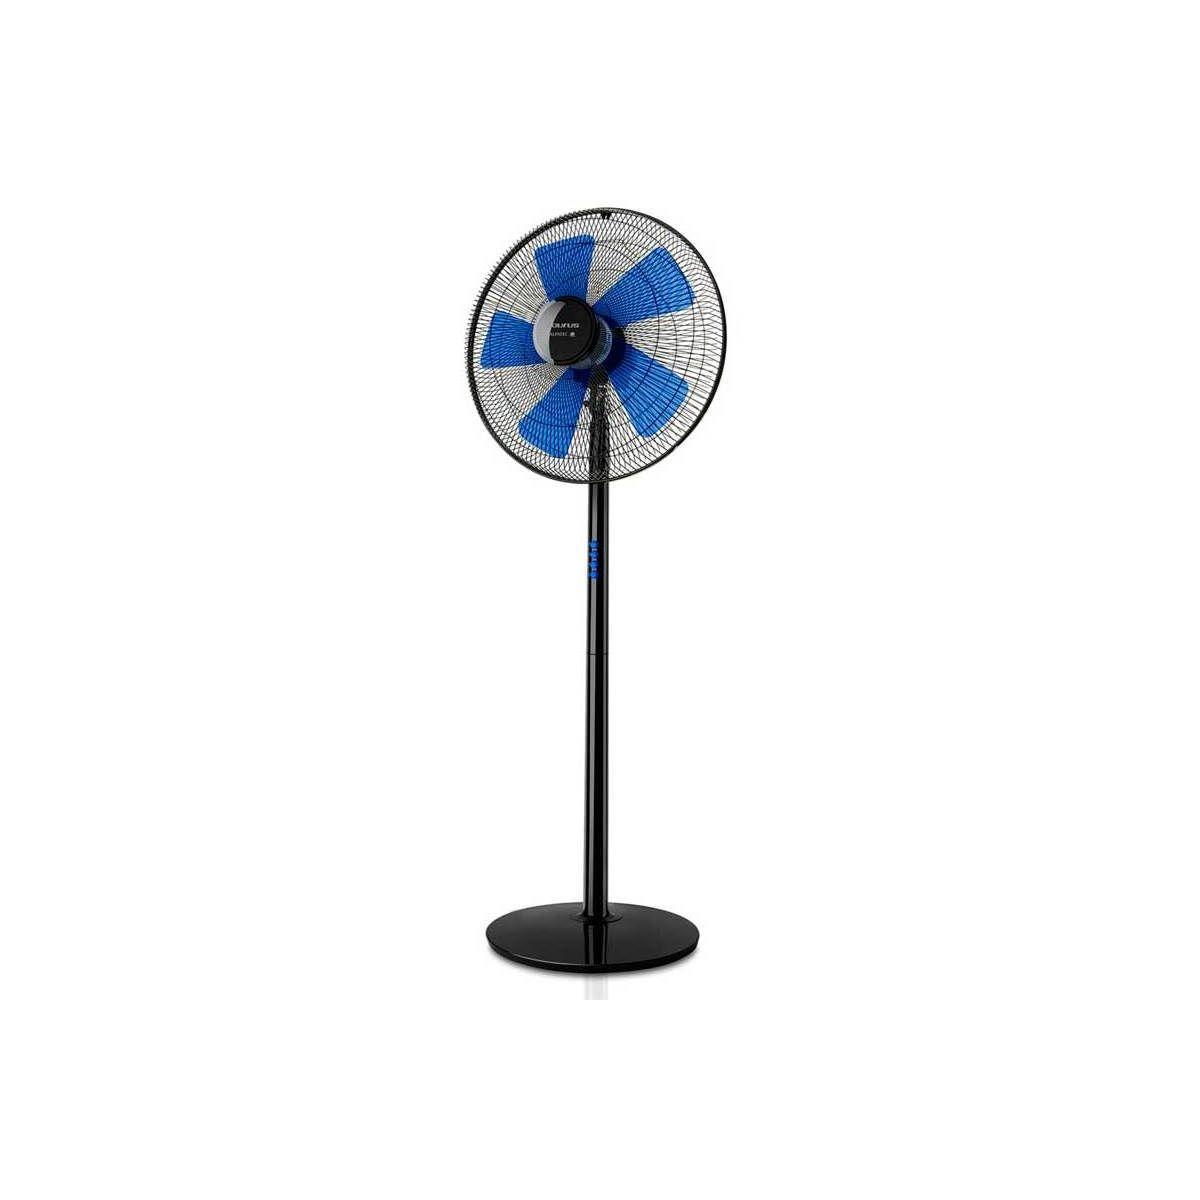 Ventilateur TAURUS Boreal 16 C ELEGANCE